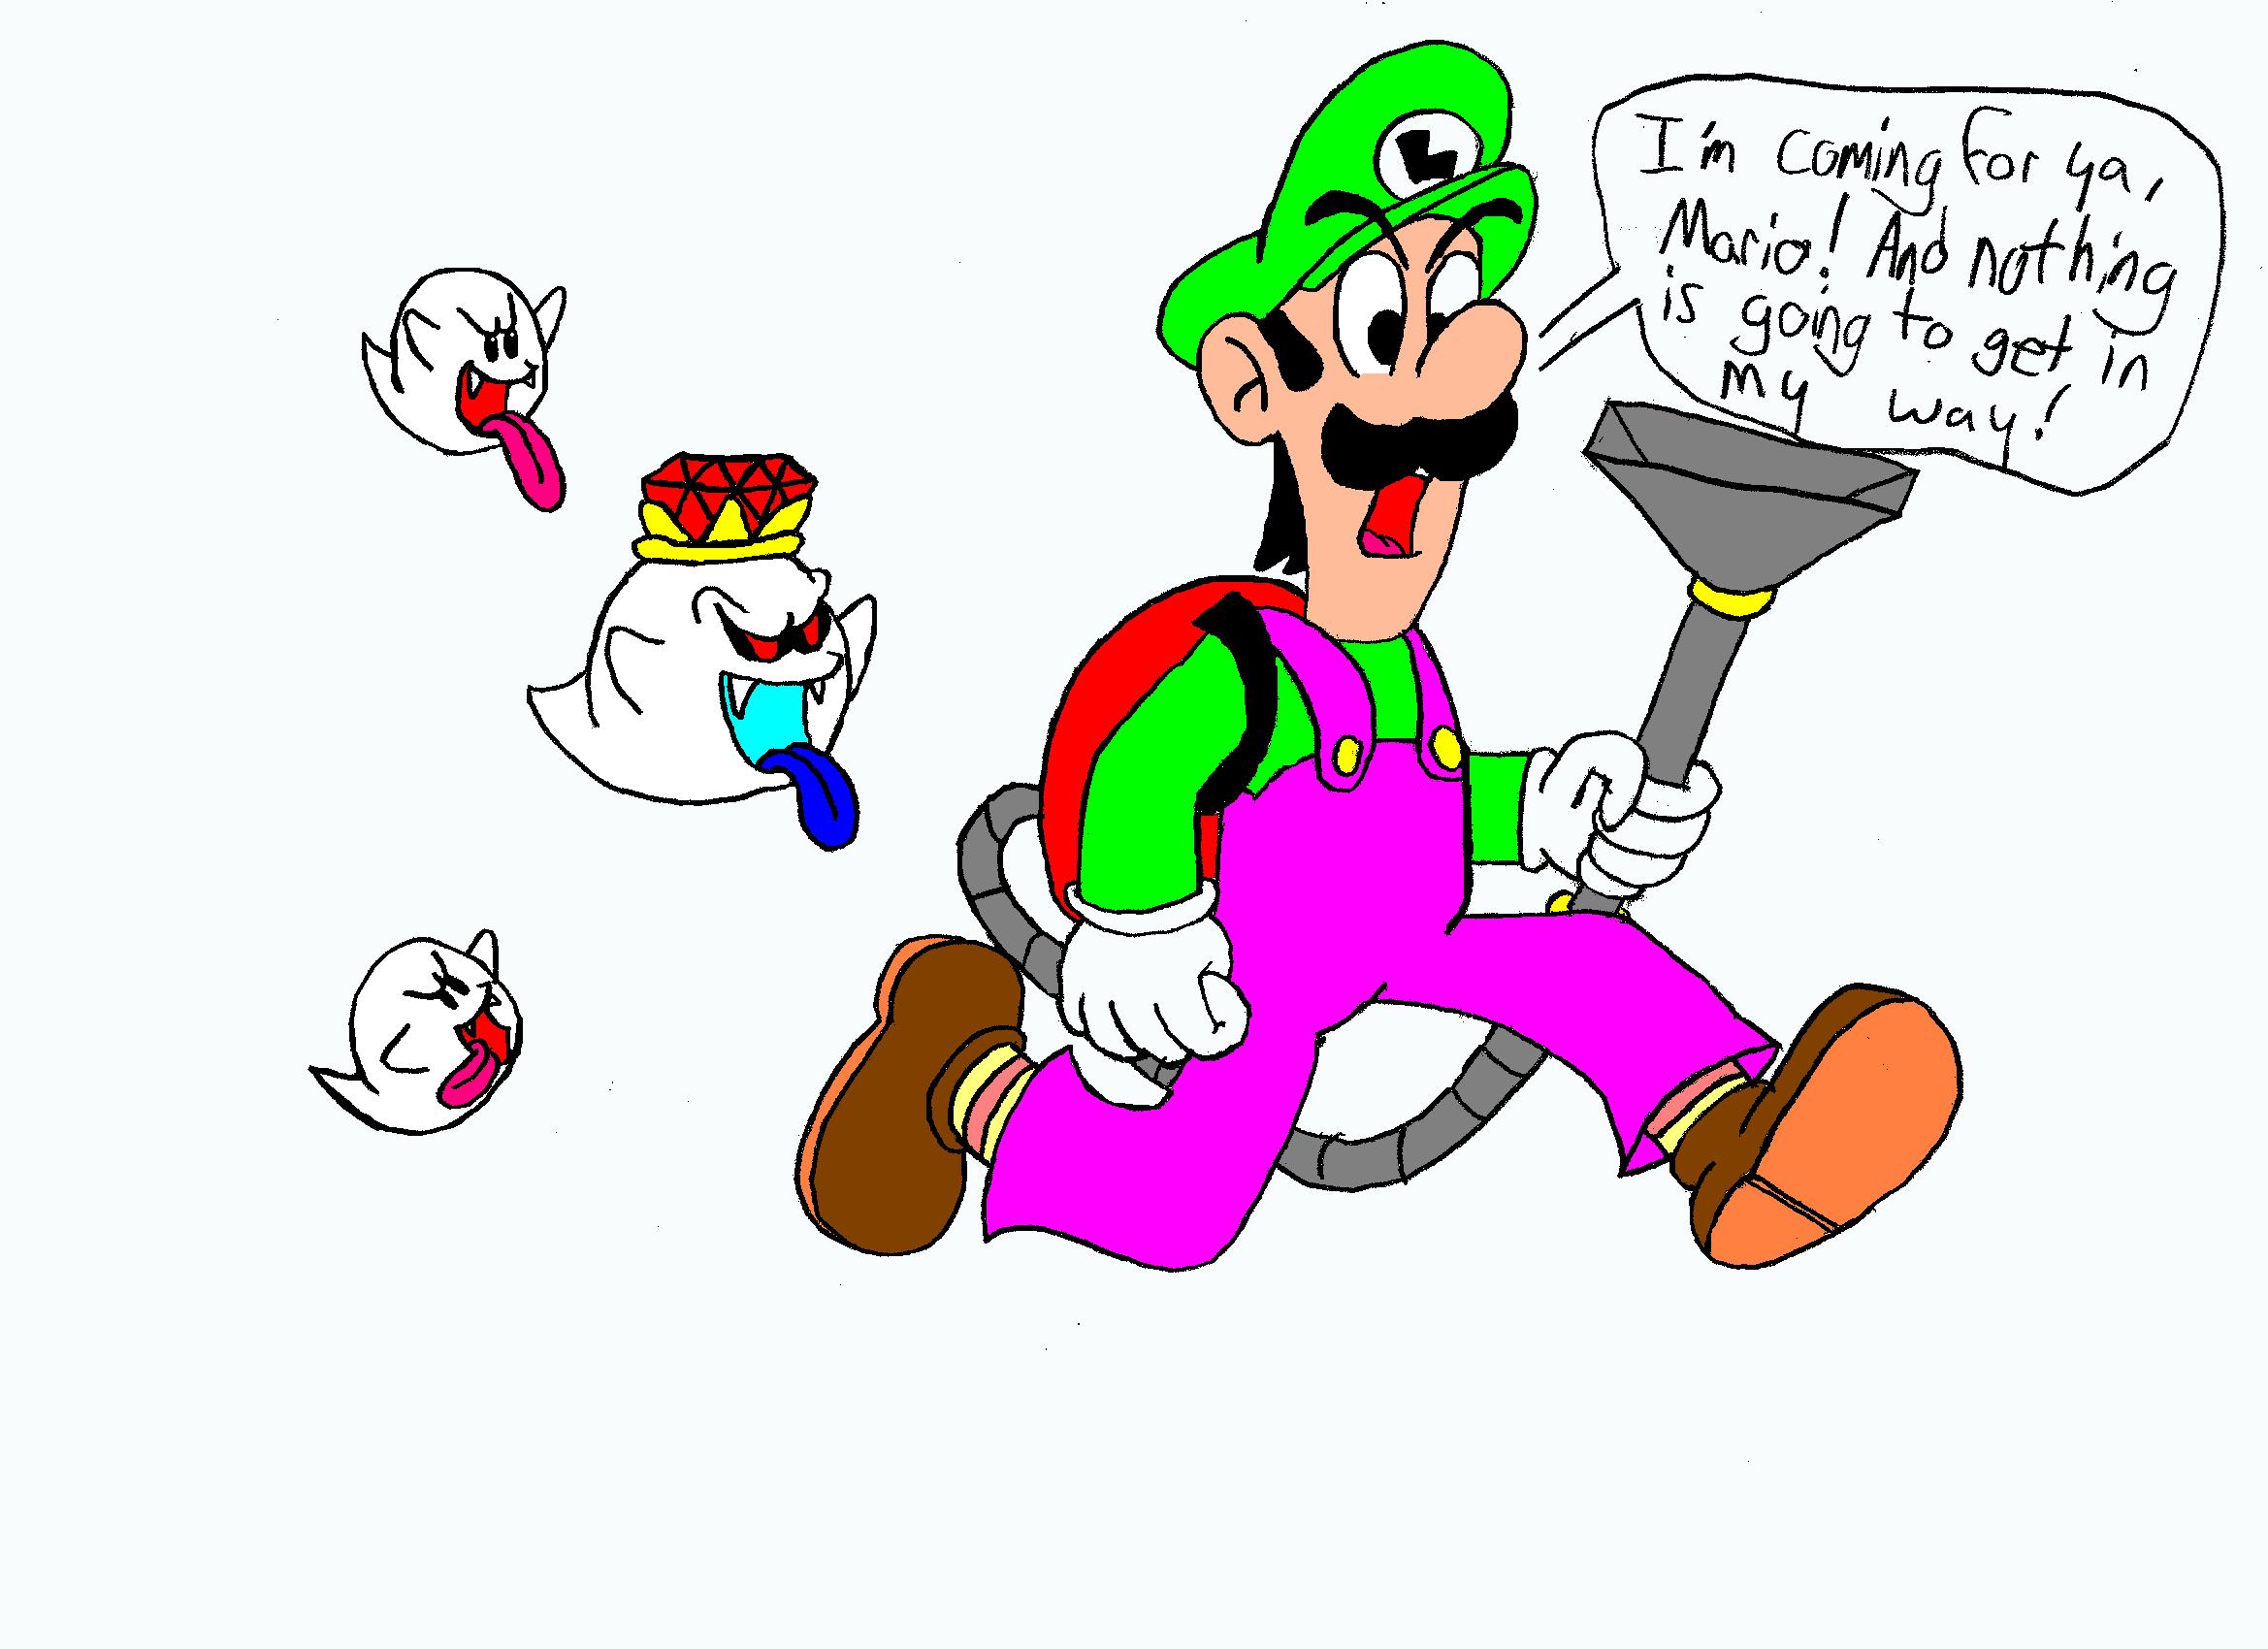 Determined Luigi by Neon_Lemmy_Koopa